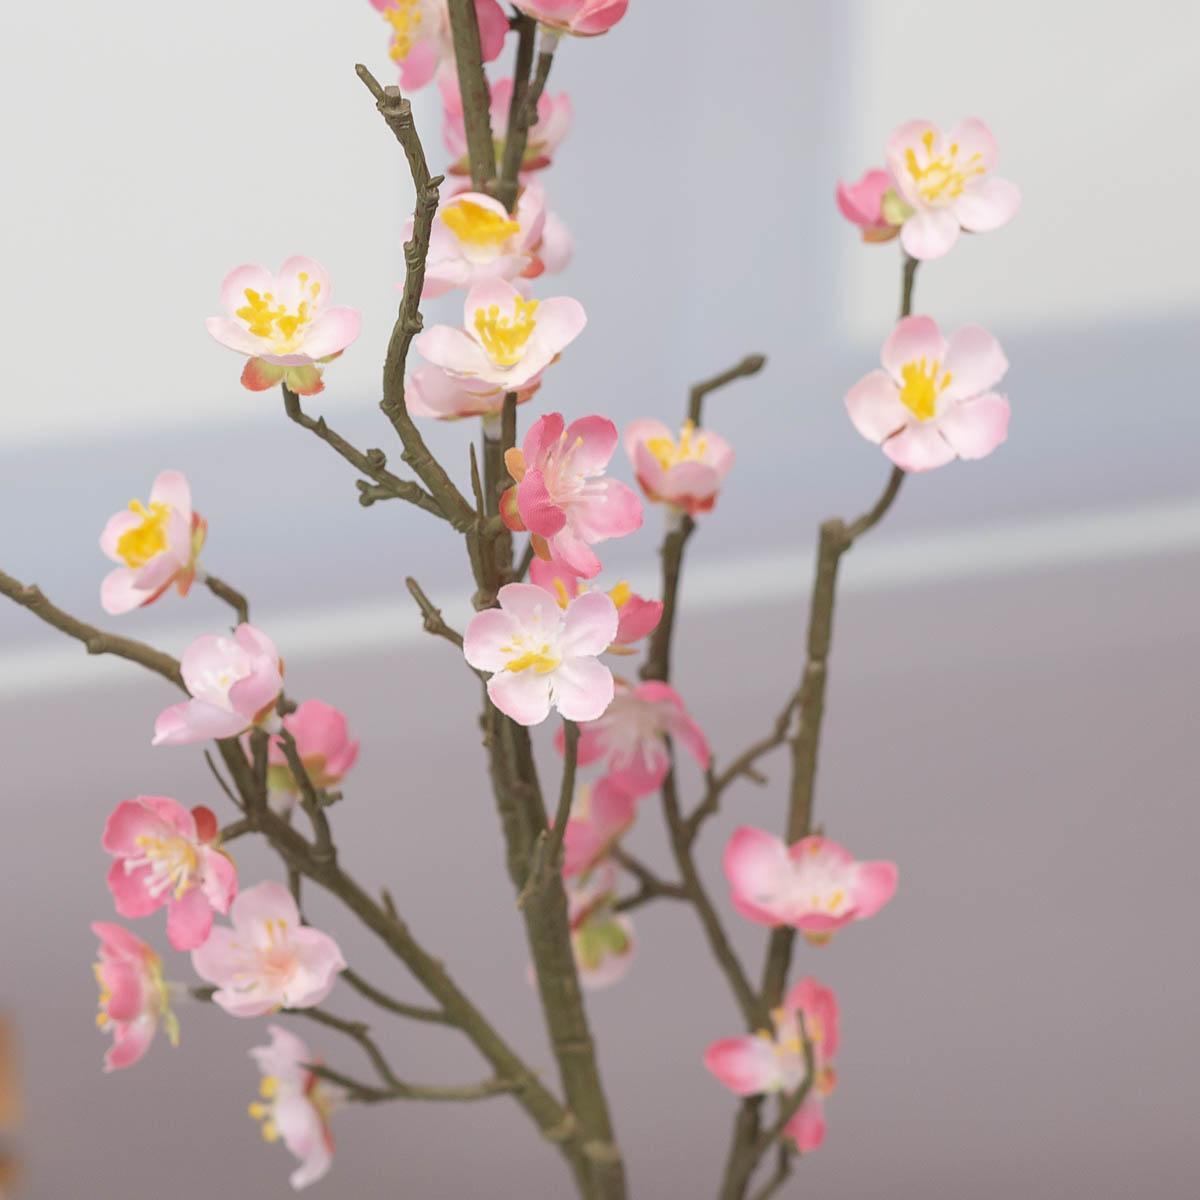 살구꽃 나무 가지 Pink(핑크) 디테일